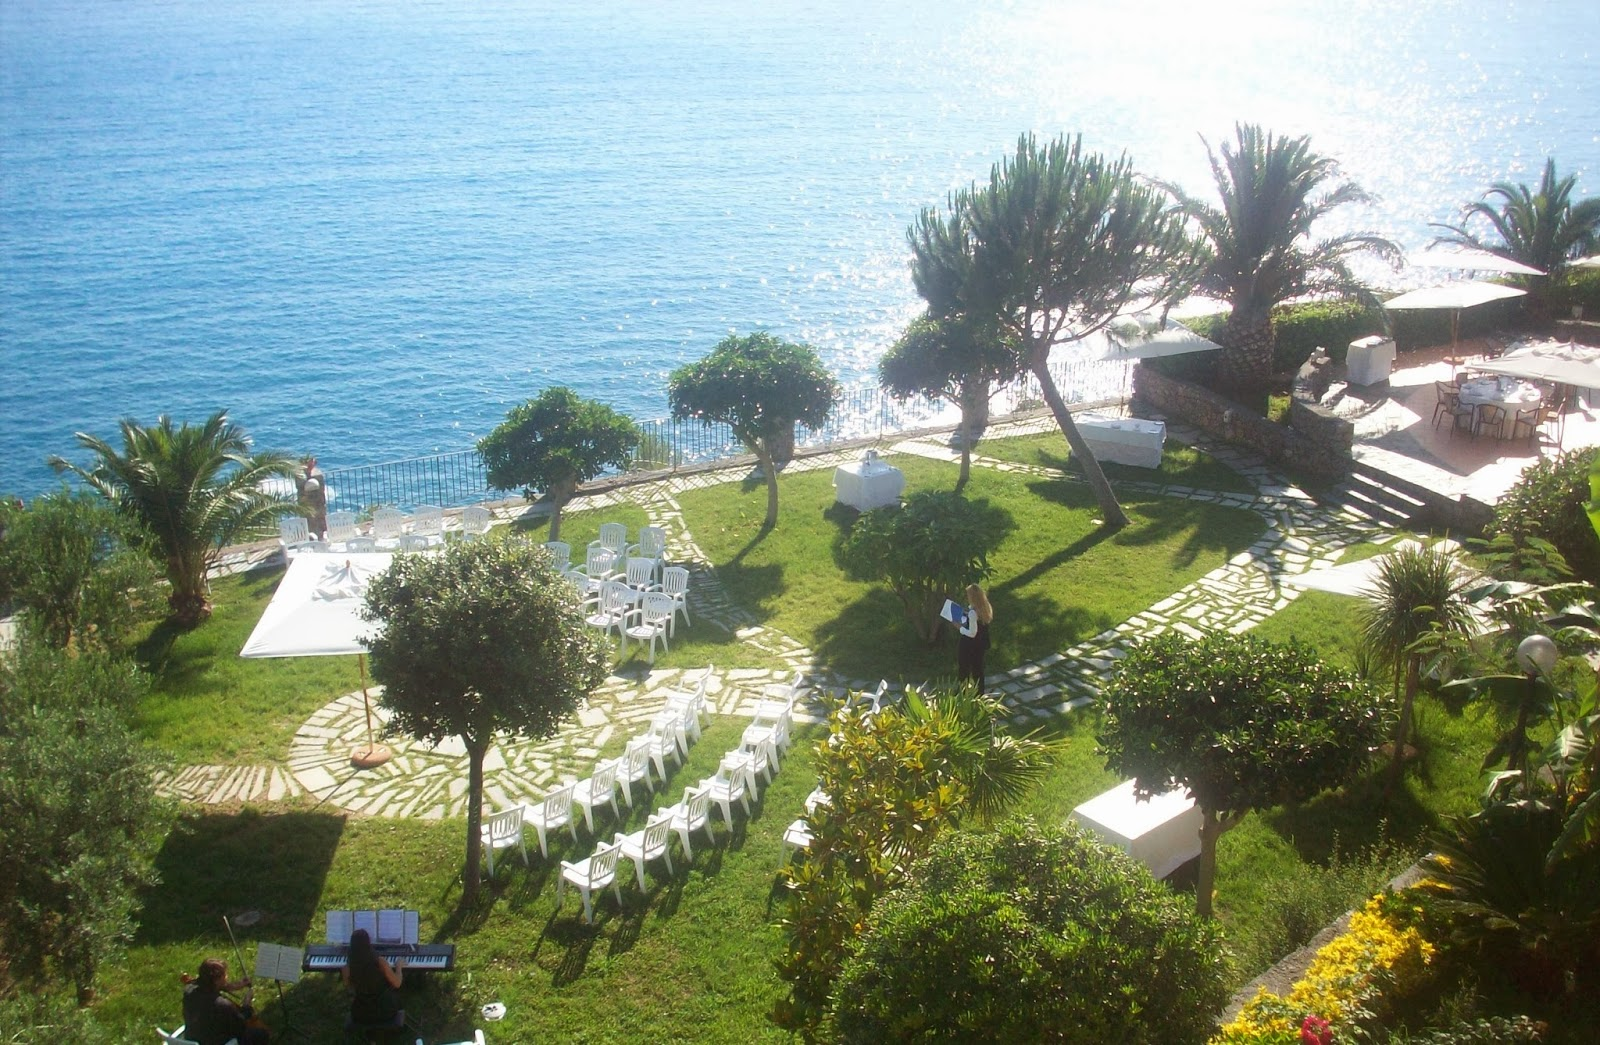 Matrimonio Spiaggia Rito Civile : Matrimonio ecologico un oasi verde per che